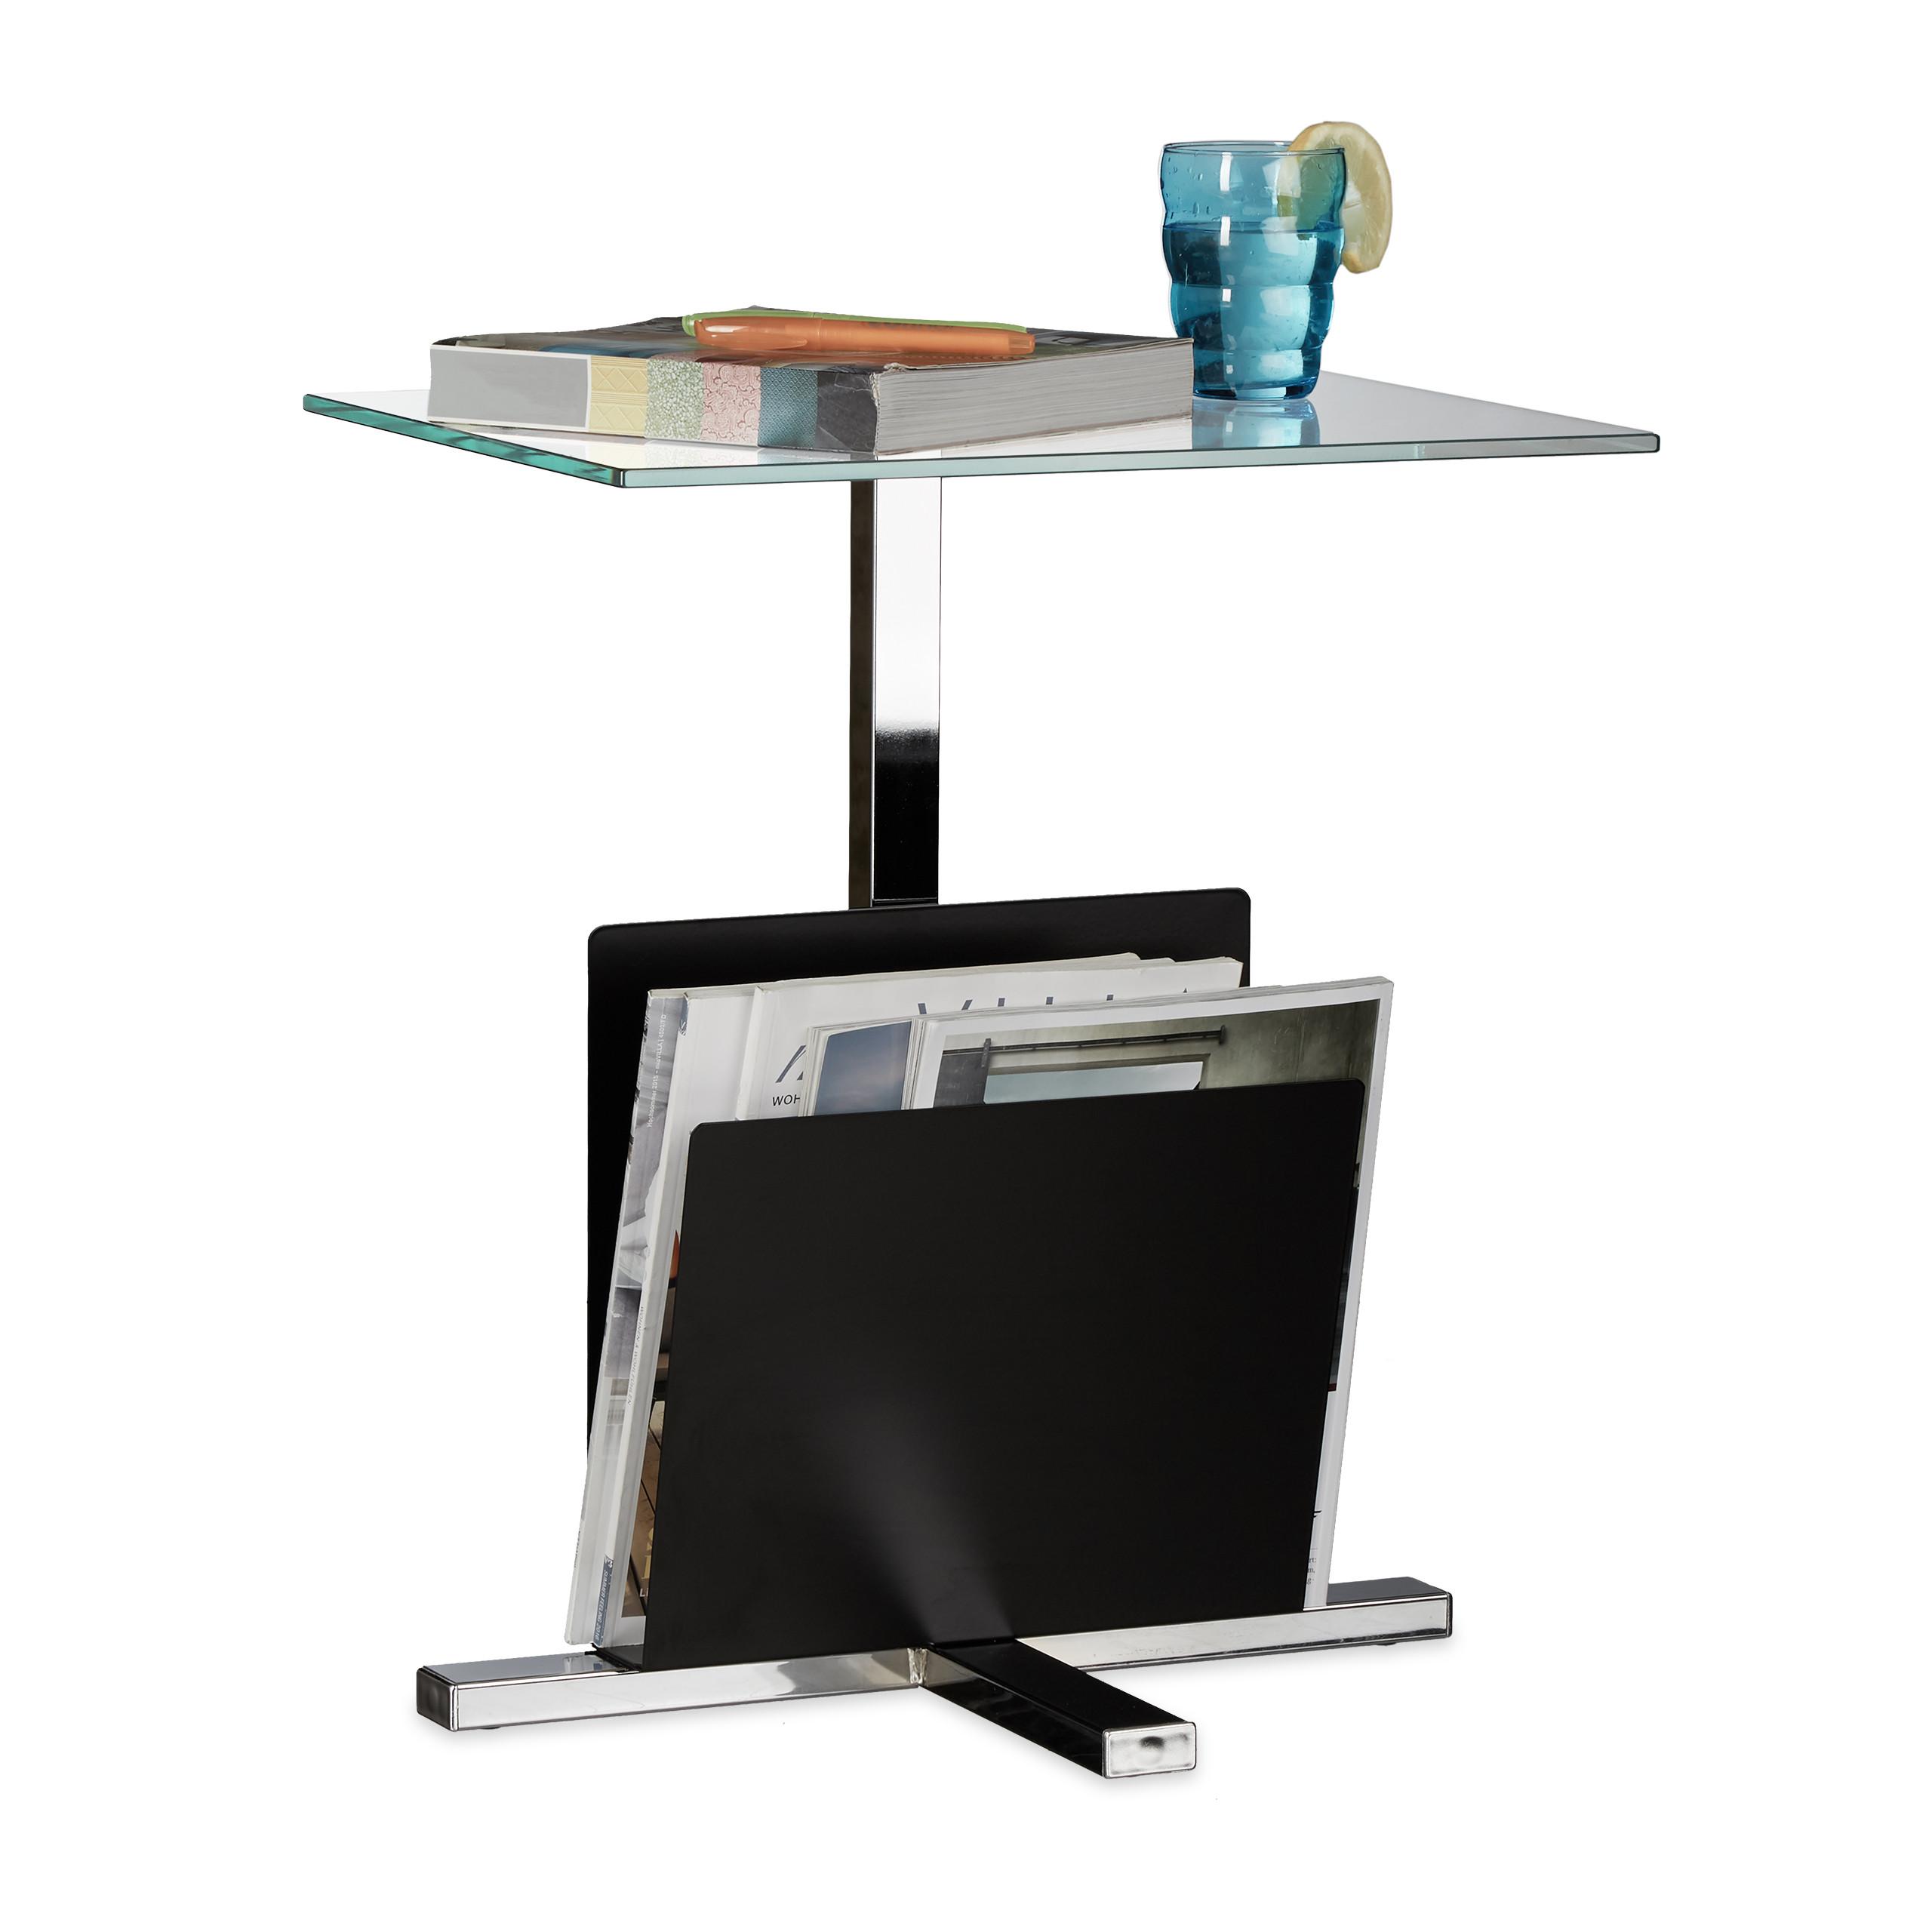 beistelltisch mit zeitungsablage glasplatte metall glastisch zeitungsst nder ebay. Black Bedroom Furniture Sets. Home Design Ideas